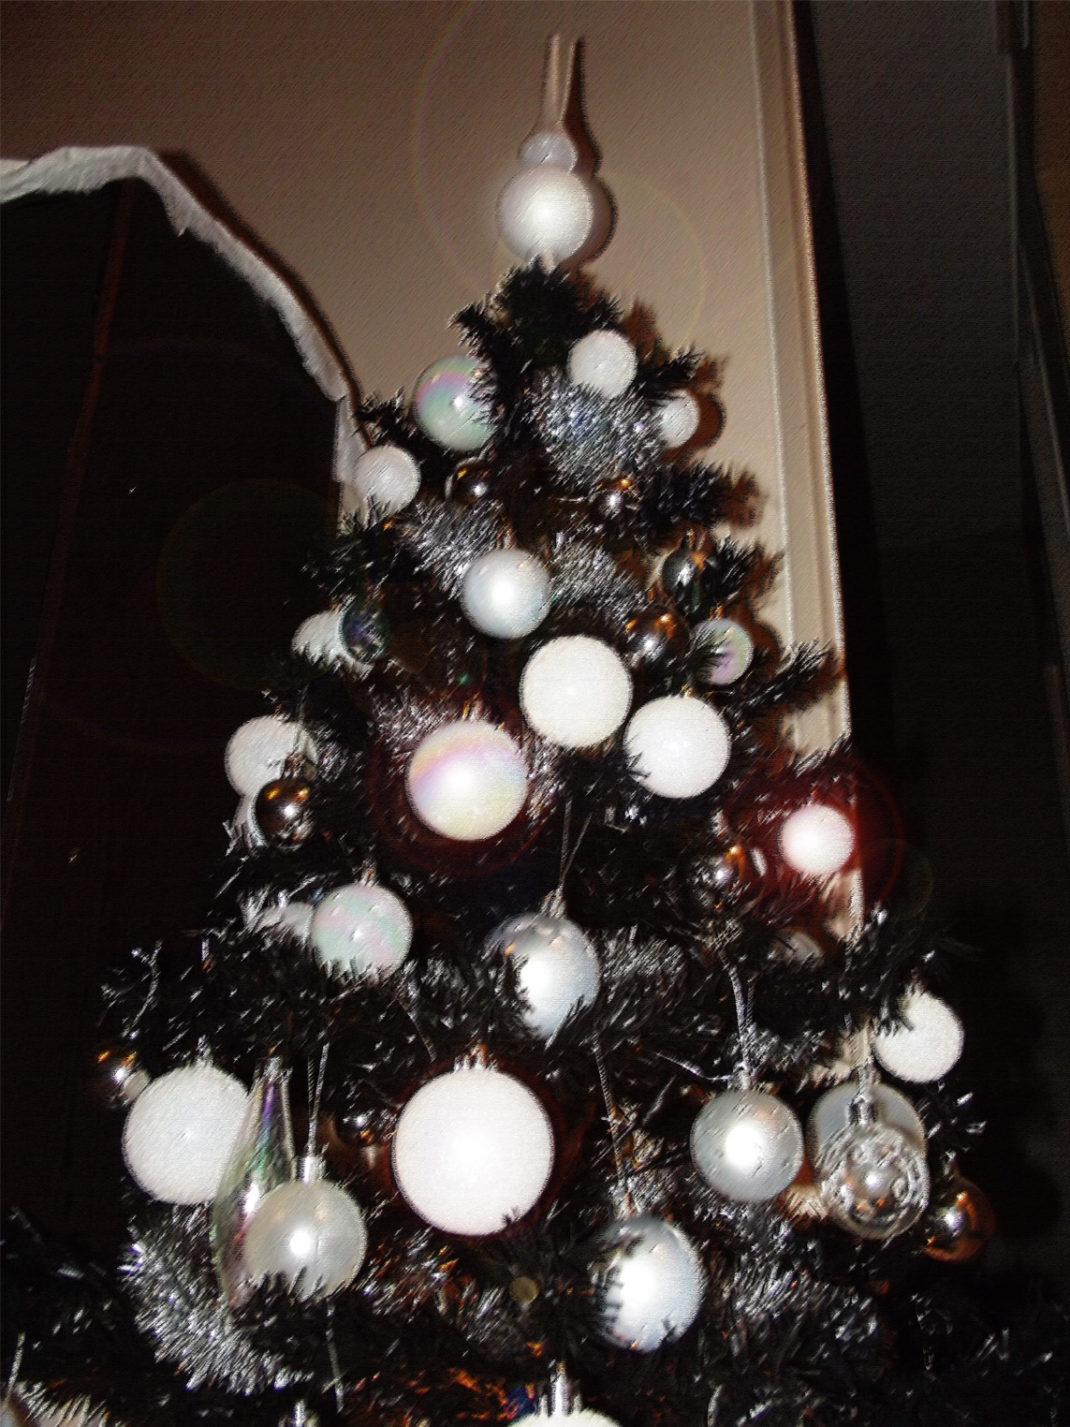 Ma d coration de no l blanc et argent deco tendency for Sapin de noel decoration blanc argent